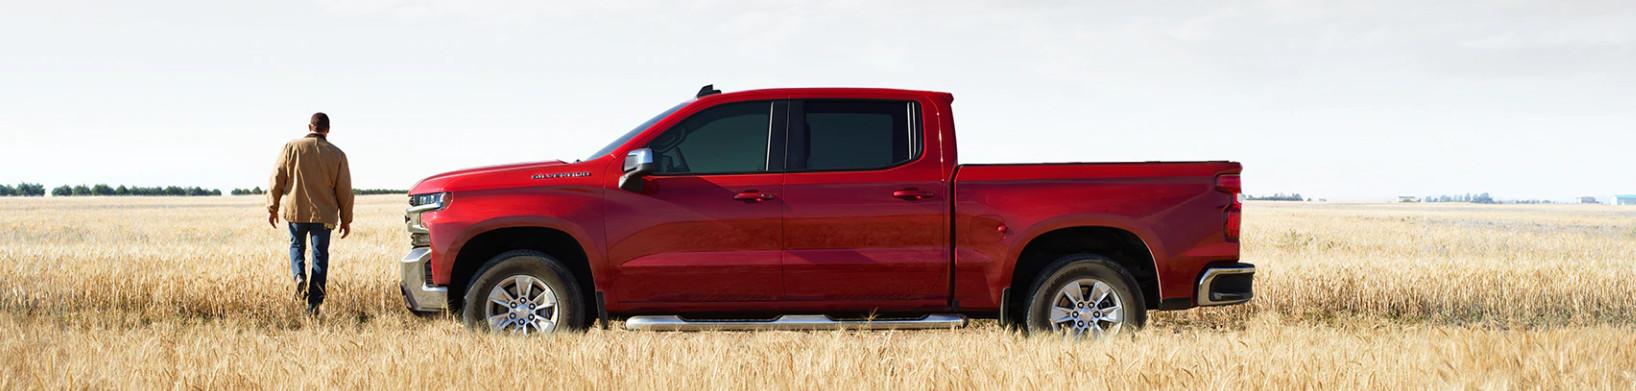 2020 Chevrolet Silverado 1500 Key Features near Naperville, IL